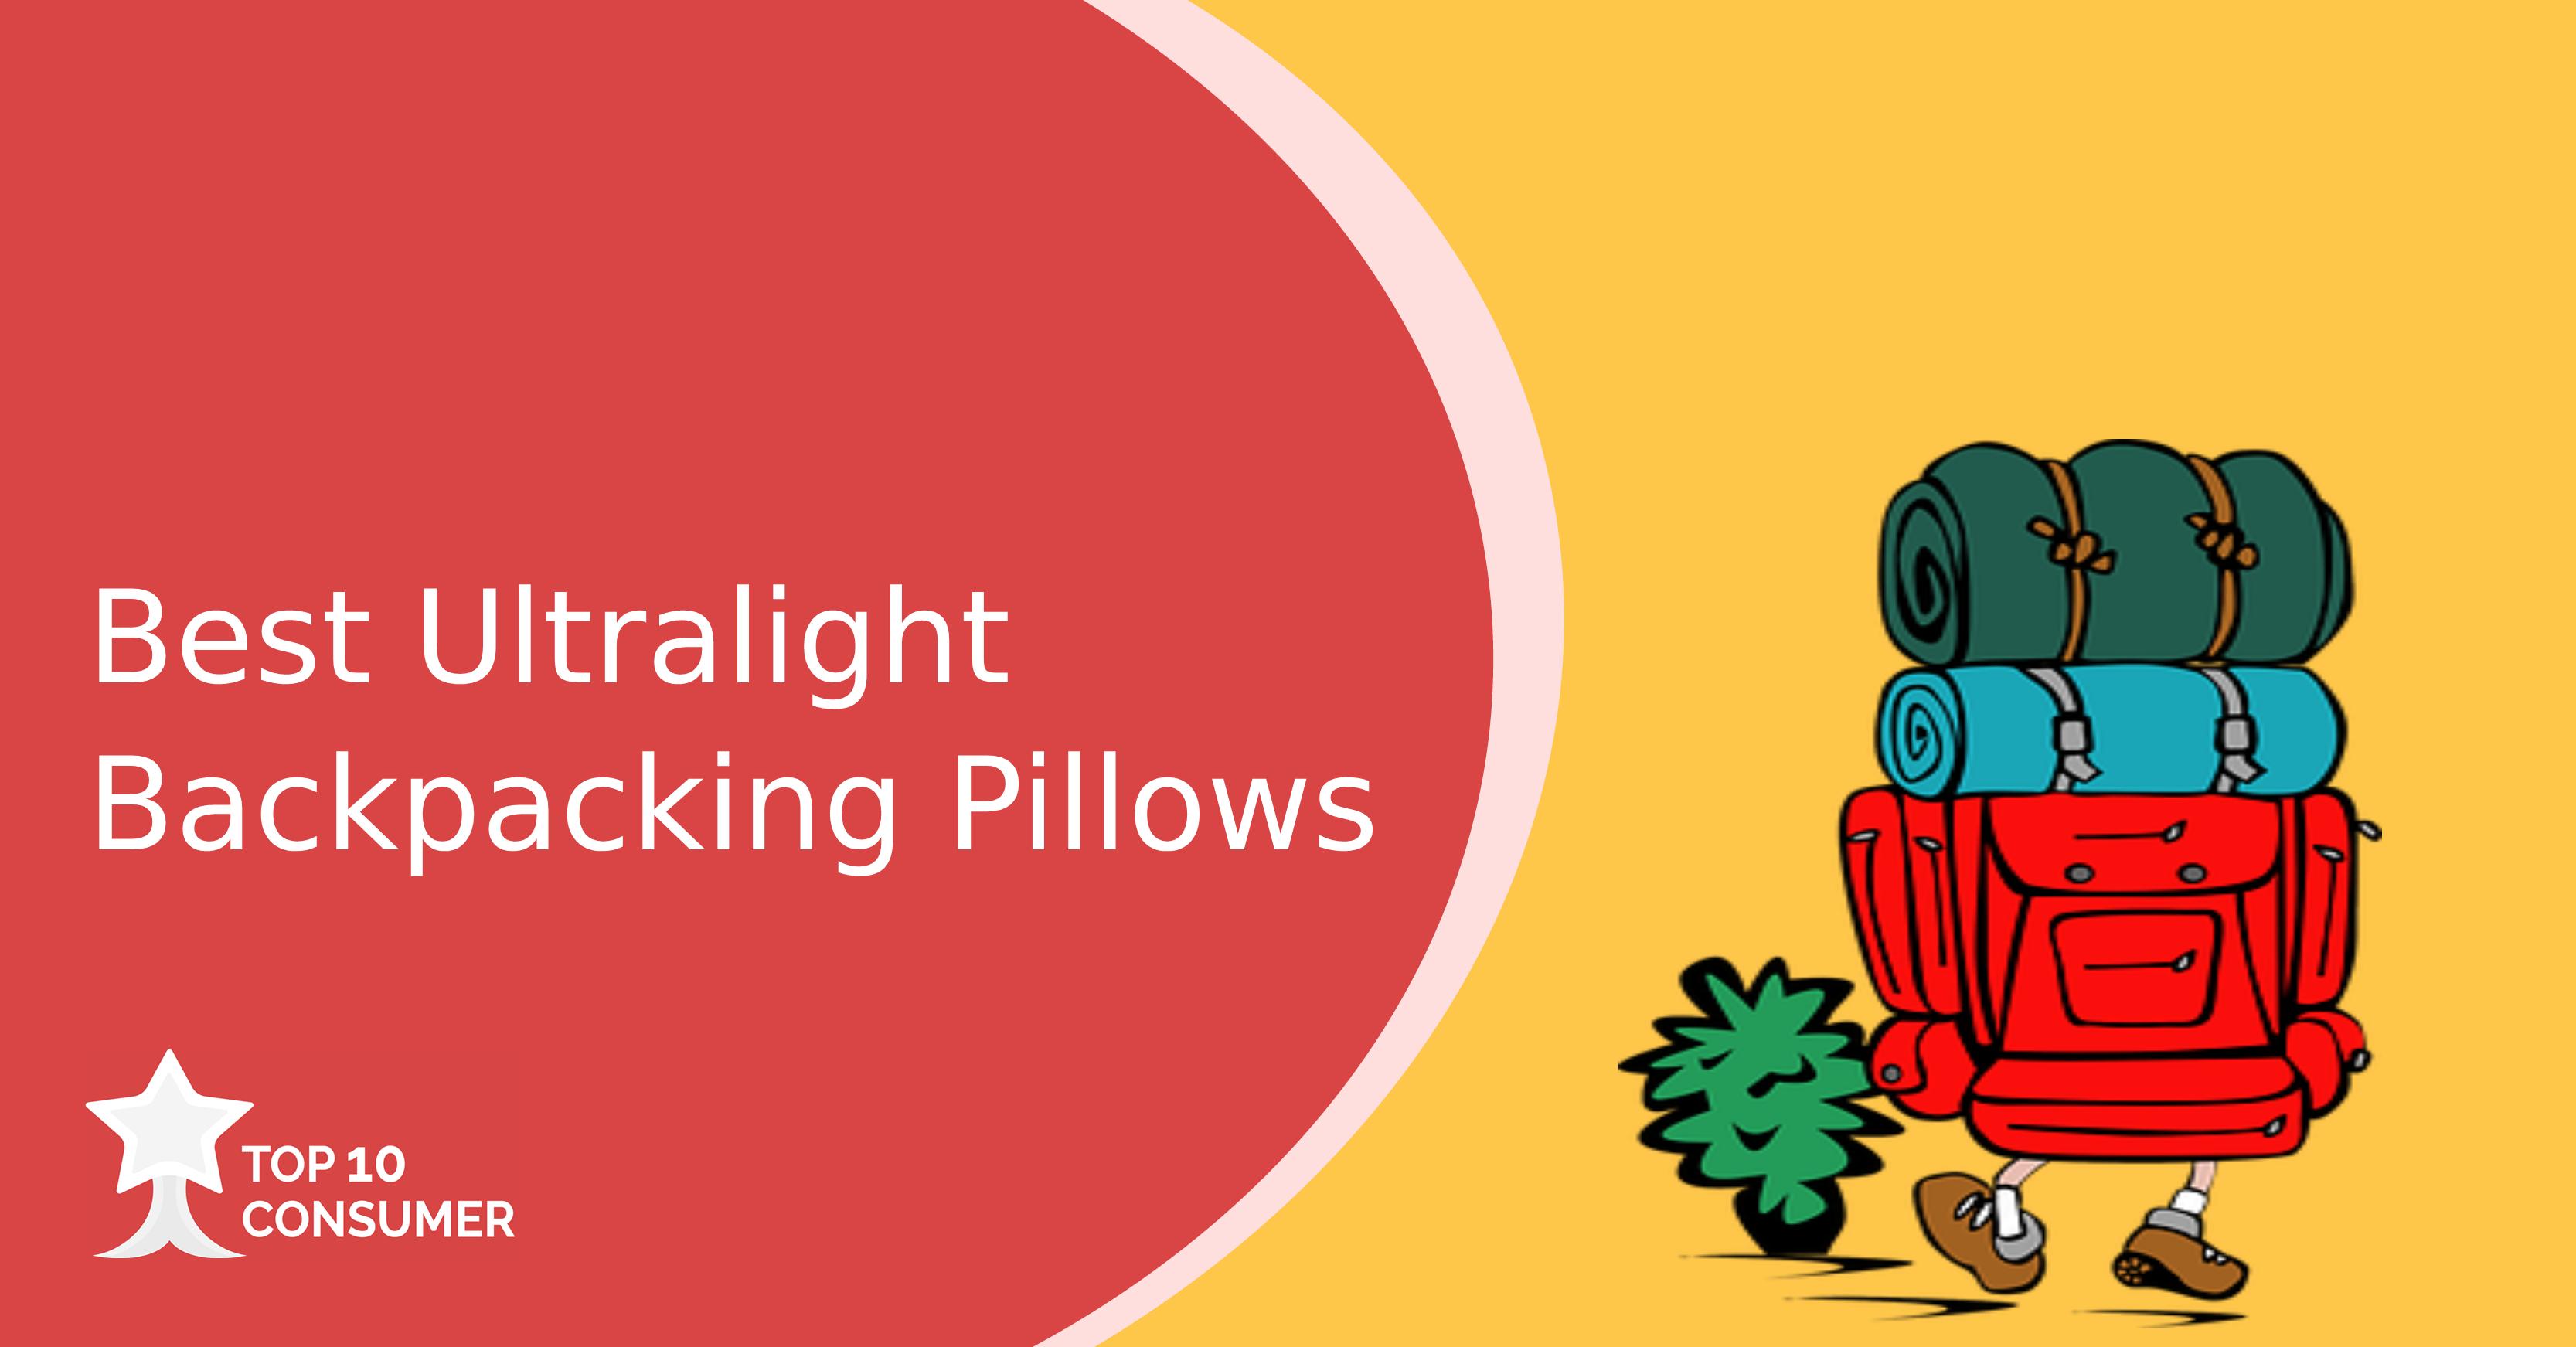 Best Ultralight Backpacking Pillows